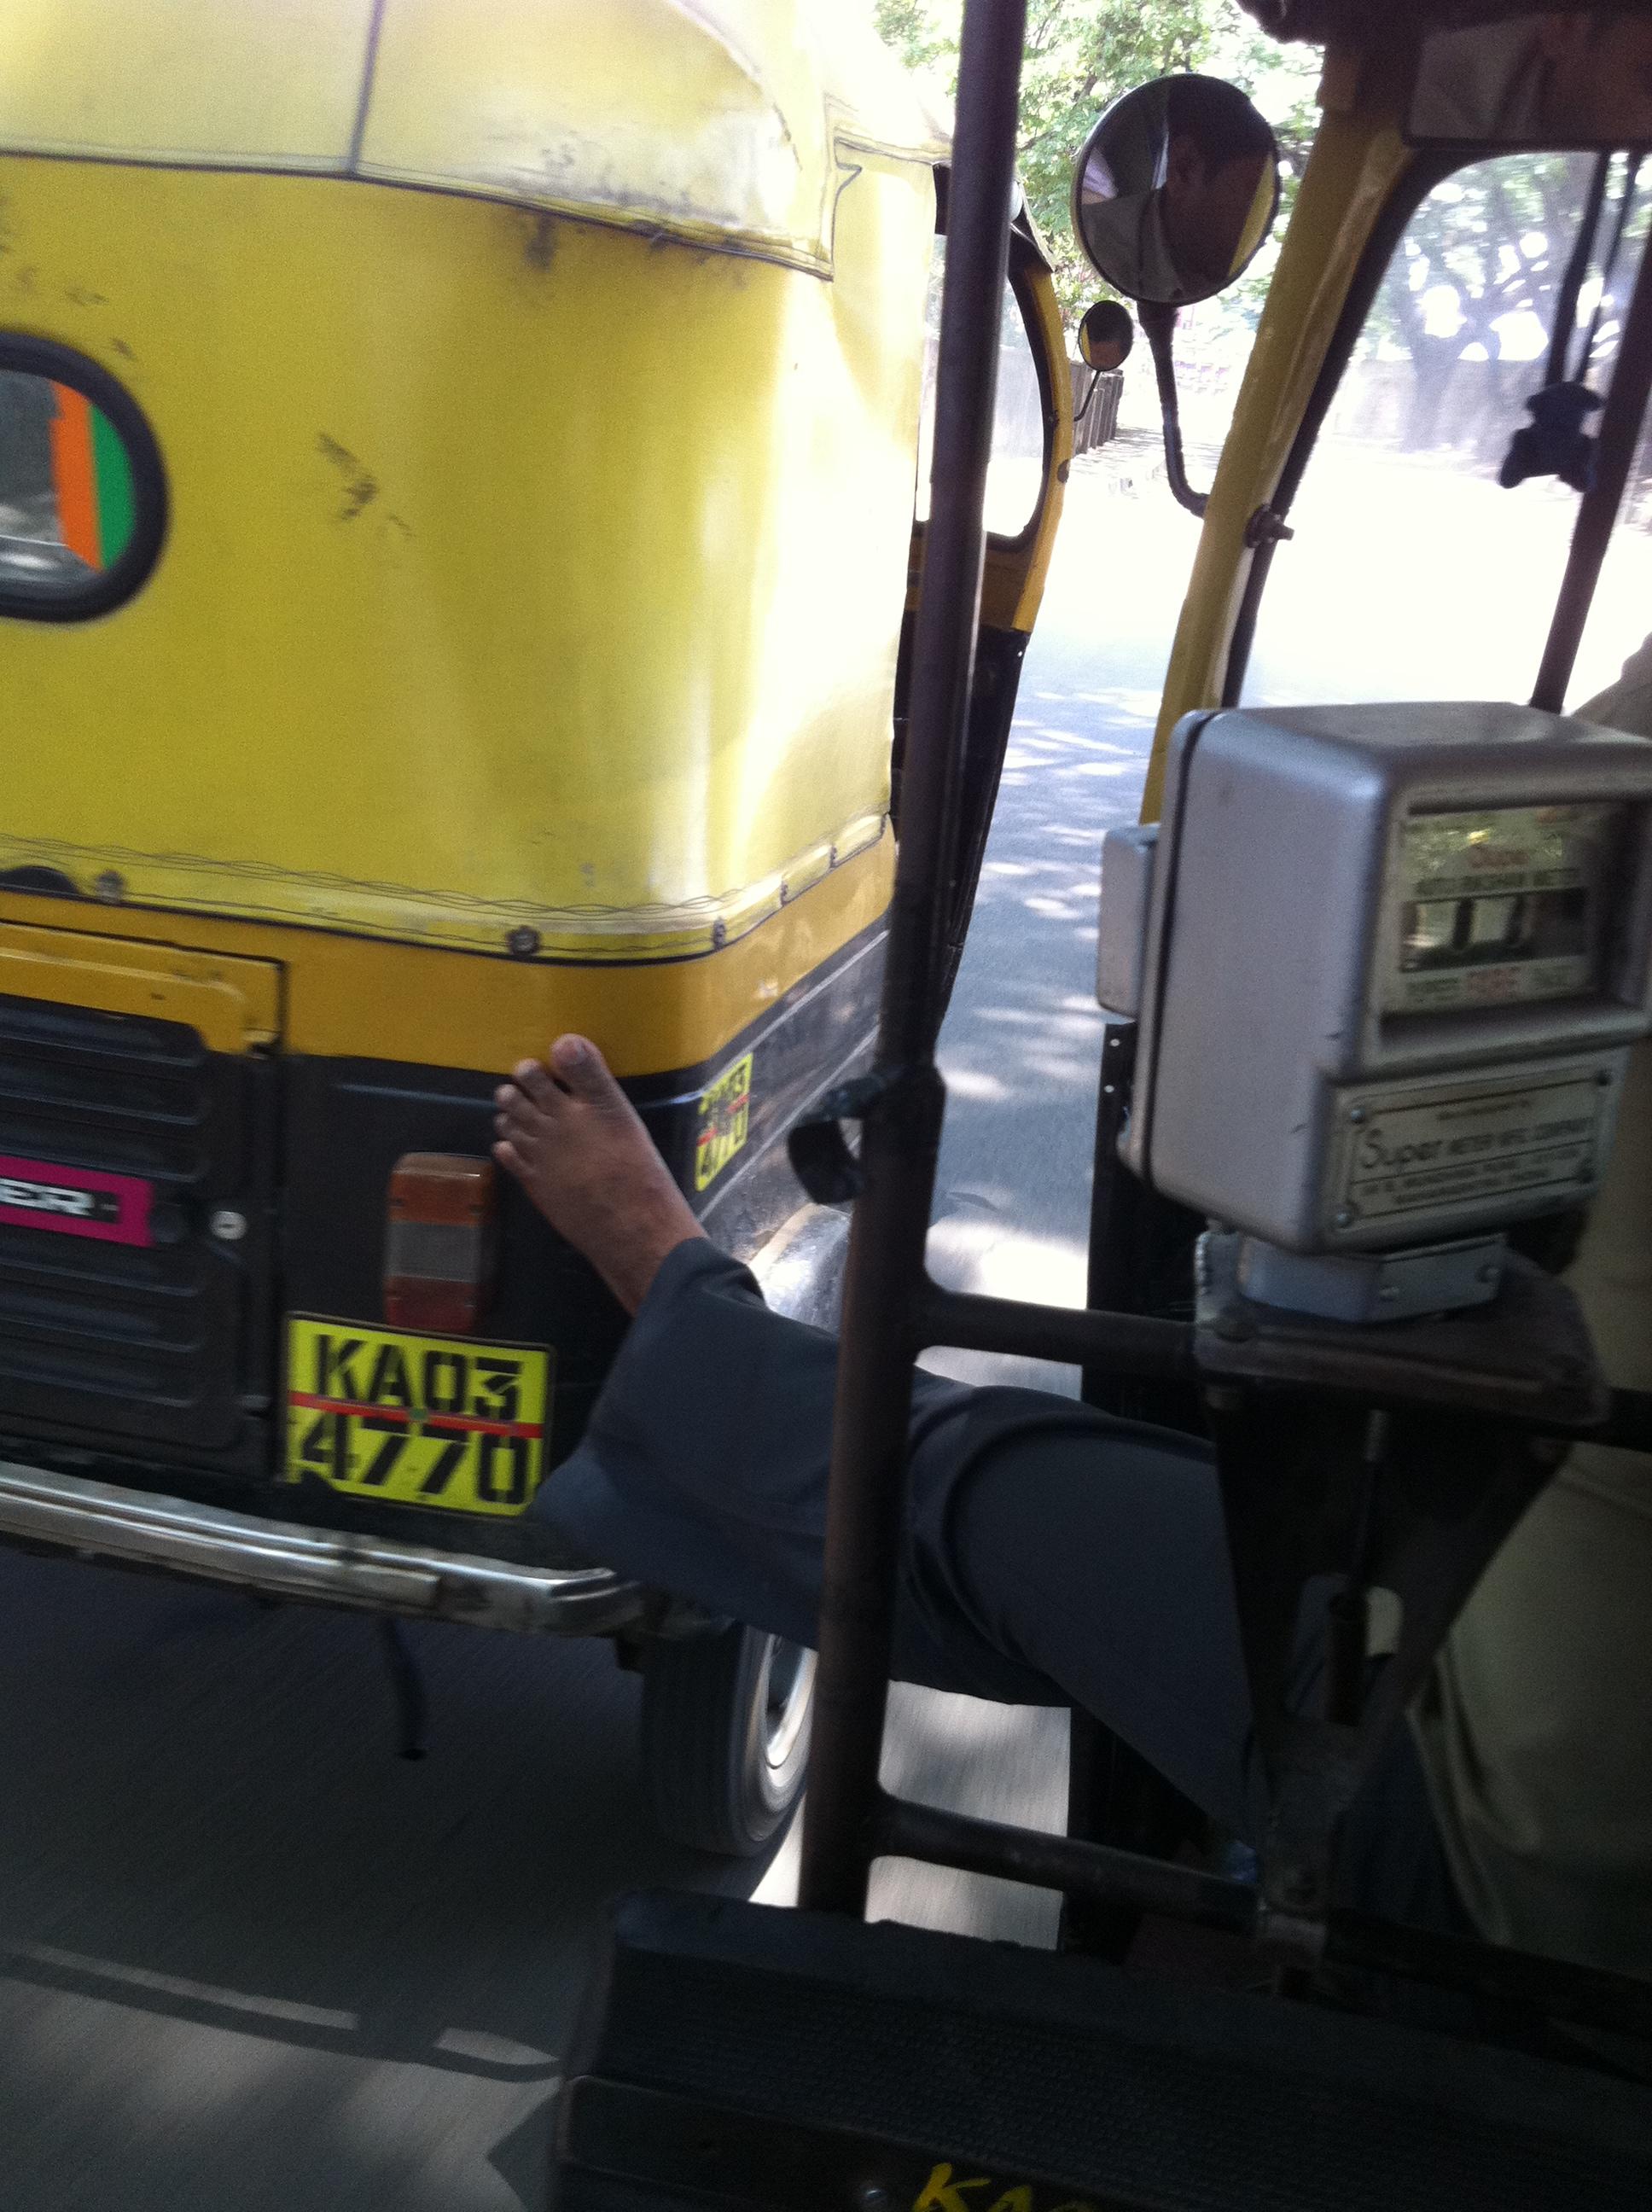 sian-handy-indien-un-konfi-234.JPG